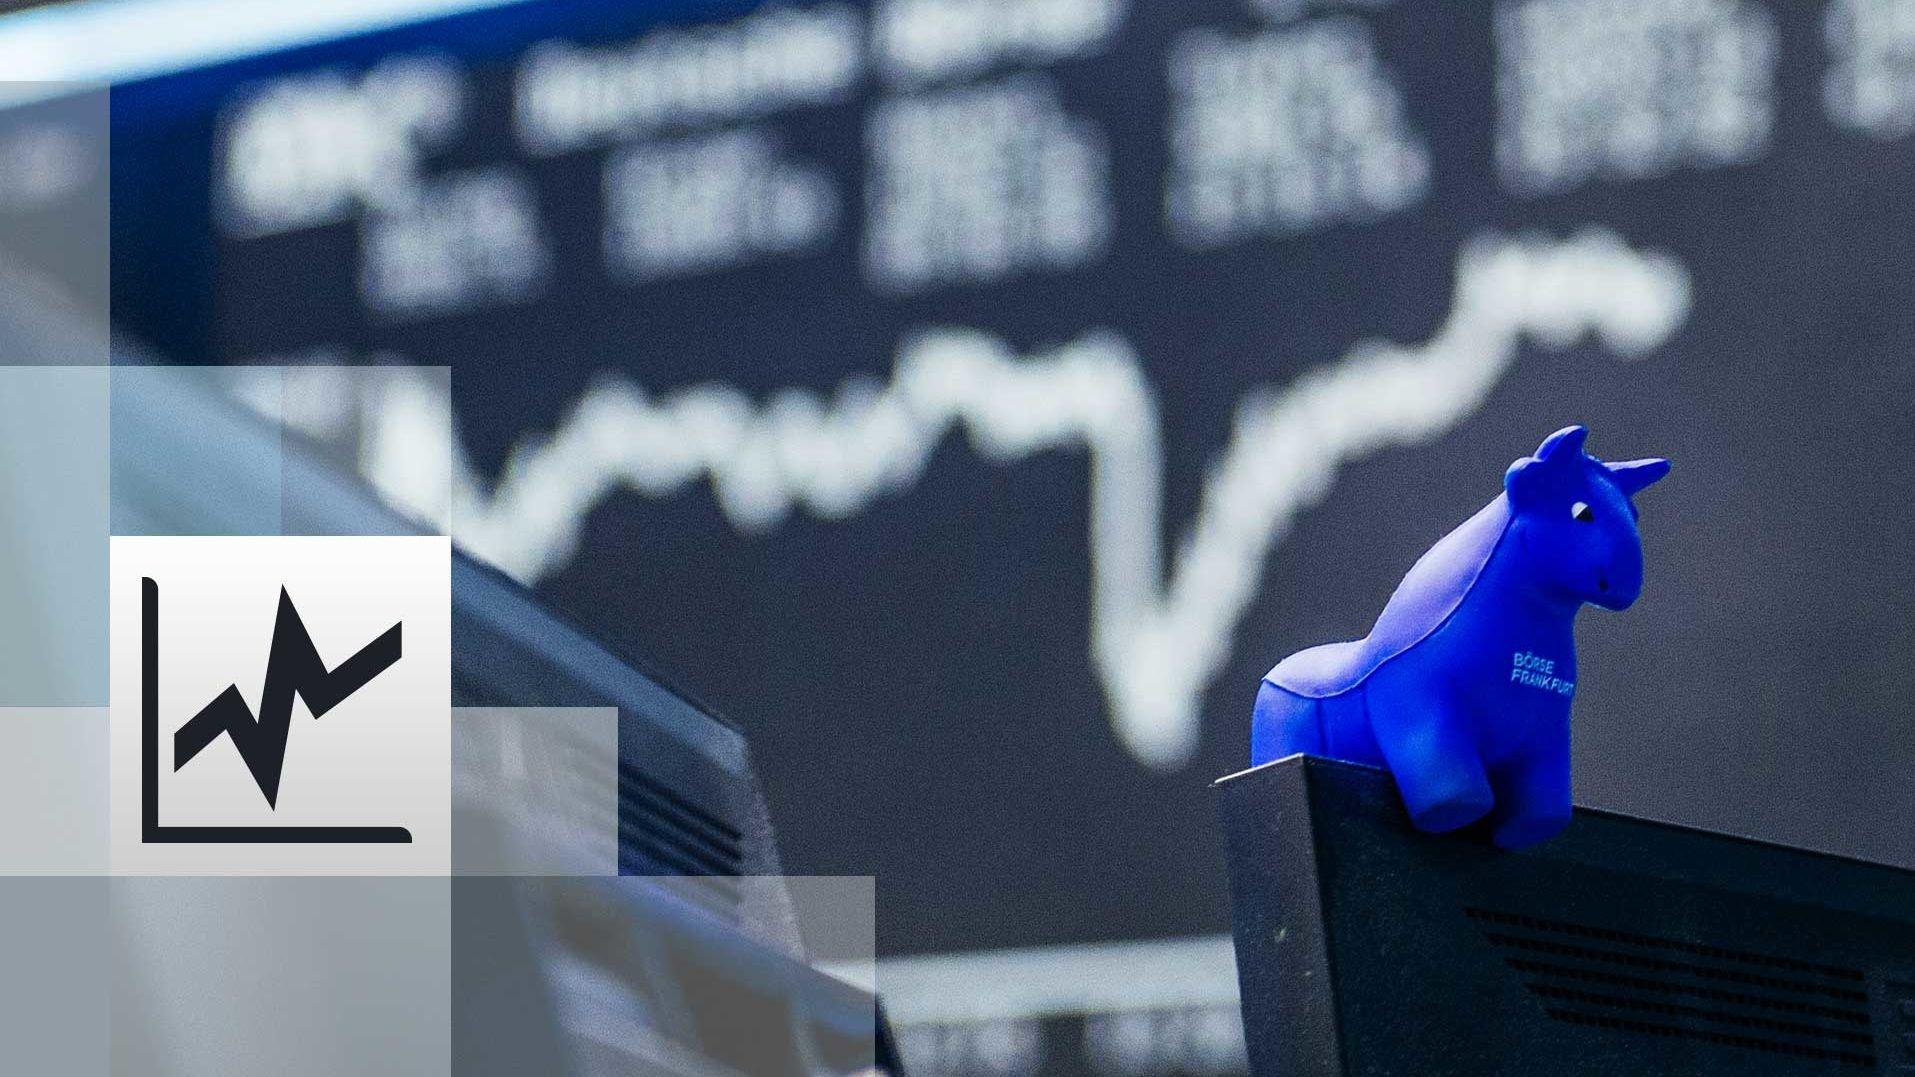 Börse: US-Gesundheitsbehörden warnen vor Corona